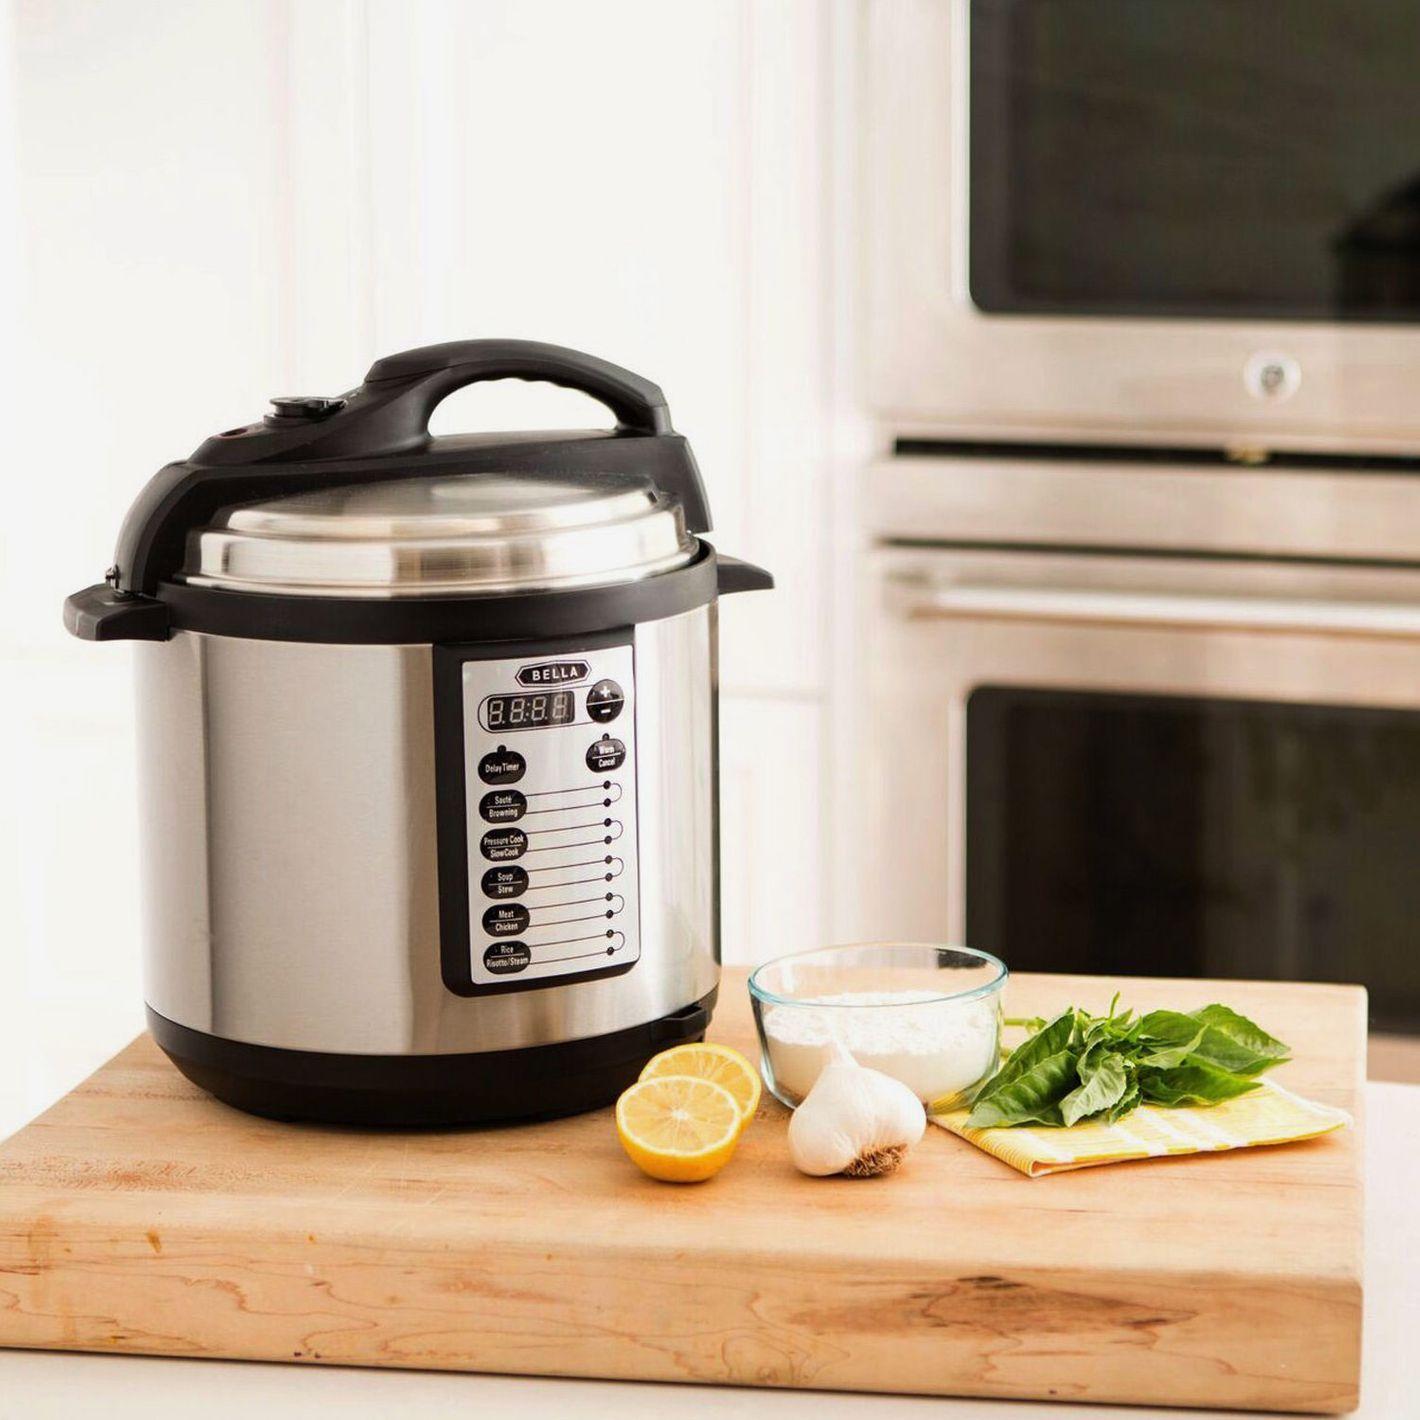 Bella 6 Qt 10-In-1 Multi-Use Programmable Pressure Cooker